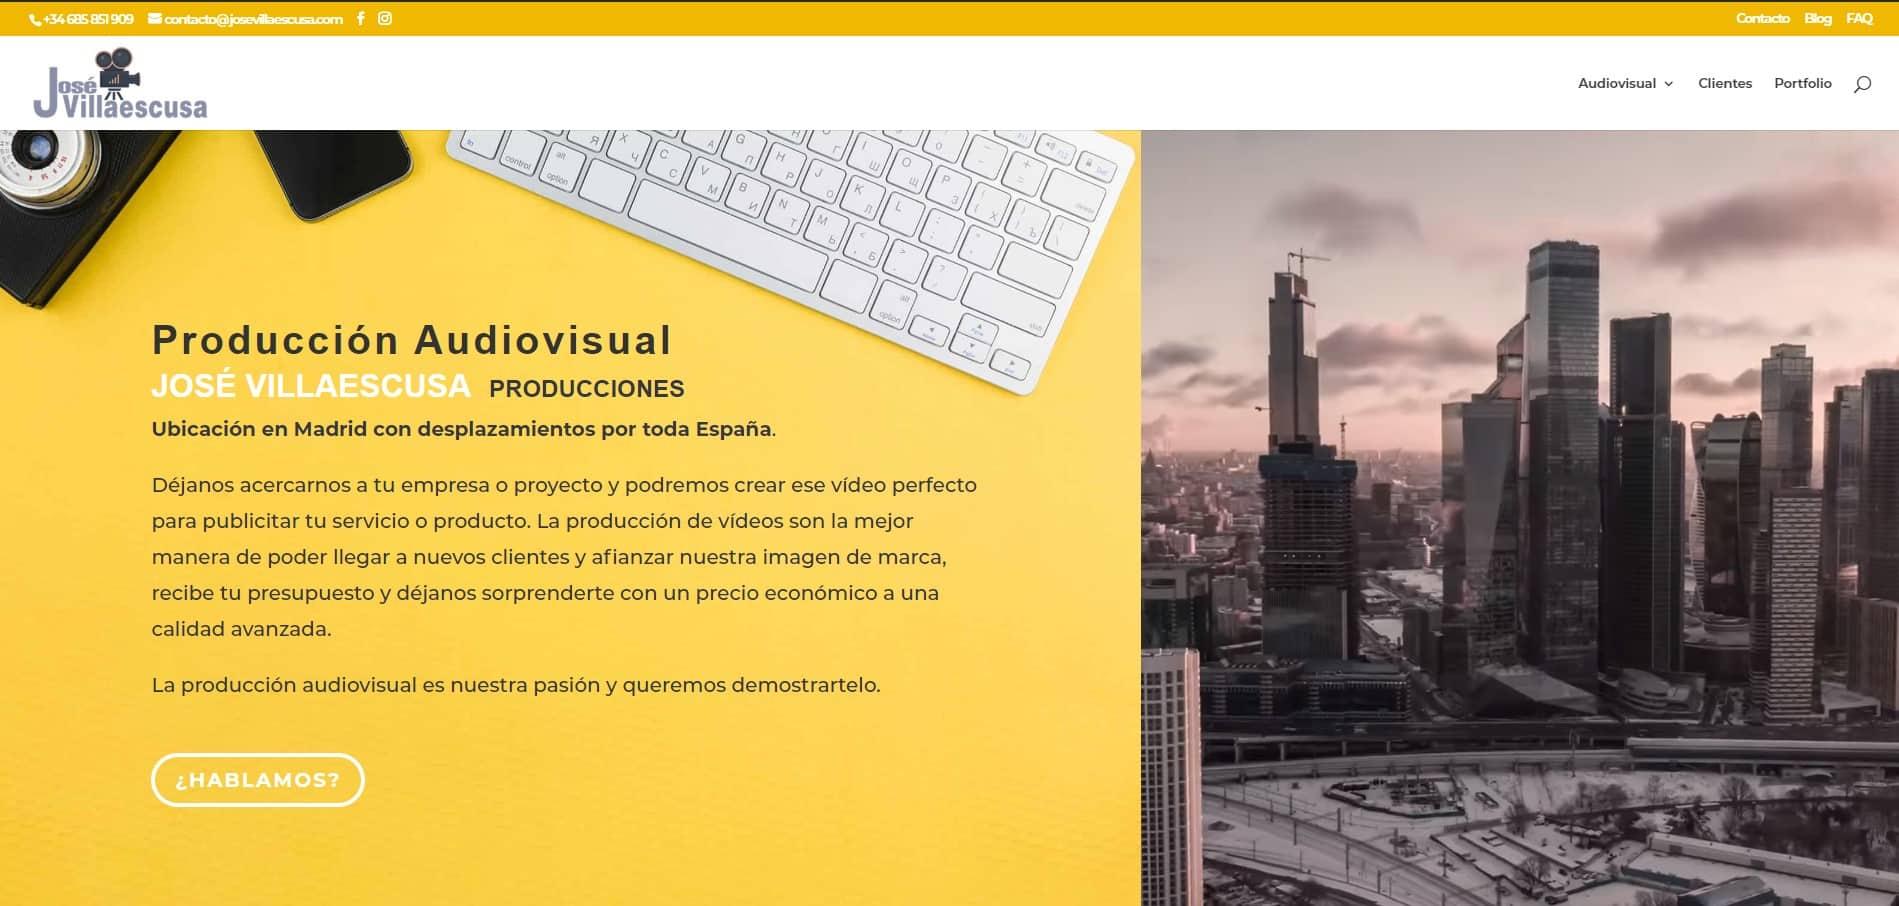 Página web principal José Villaescusa Producciones Audiovisuales web de vídeo y web de fotografía